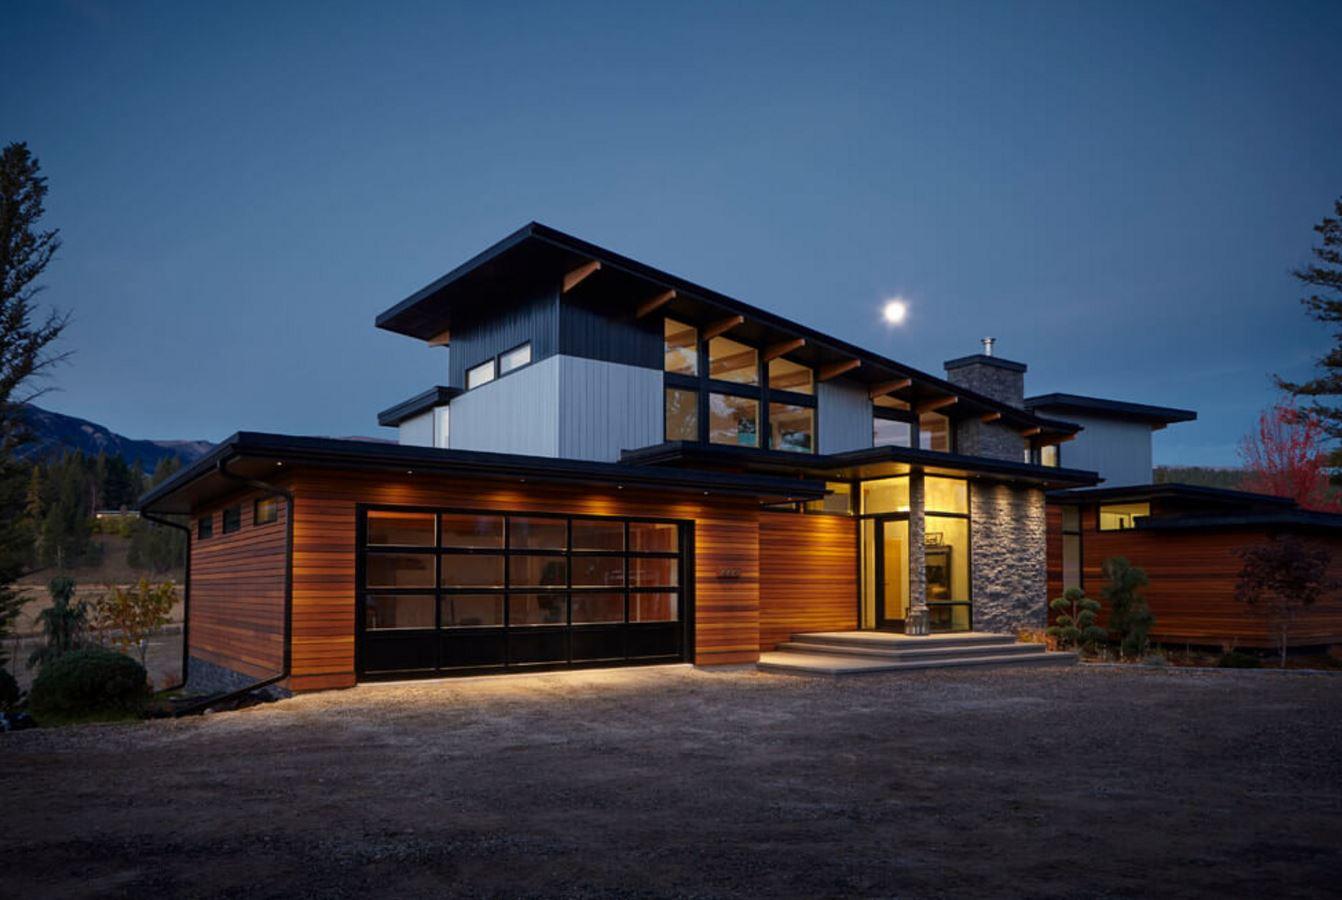 Ver fachadas de casas fachadas de casas estilos de - Casas con estilo rustico ...